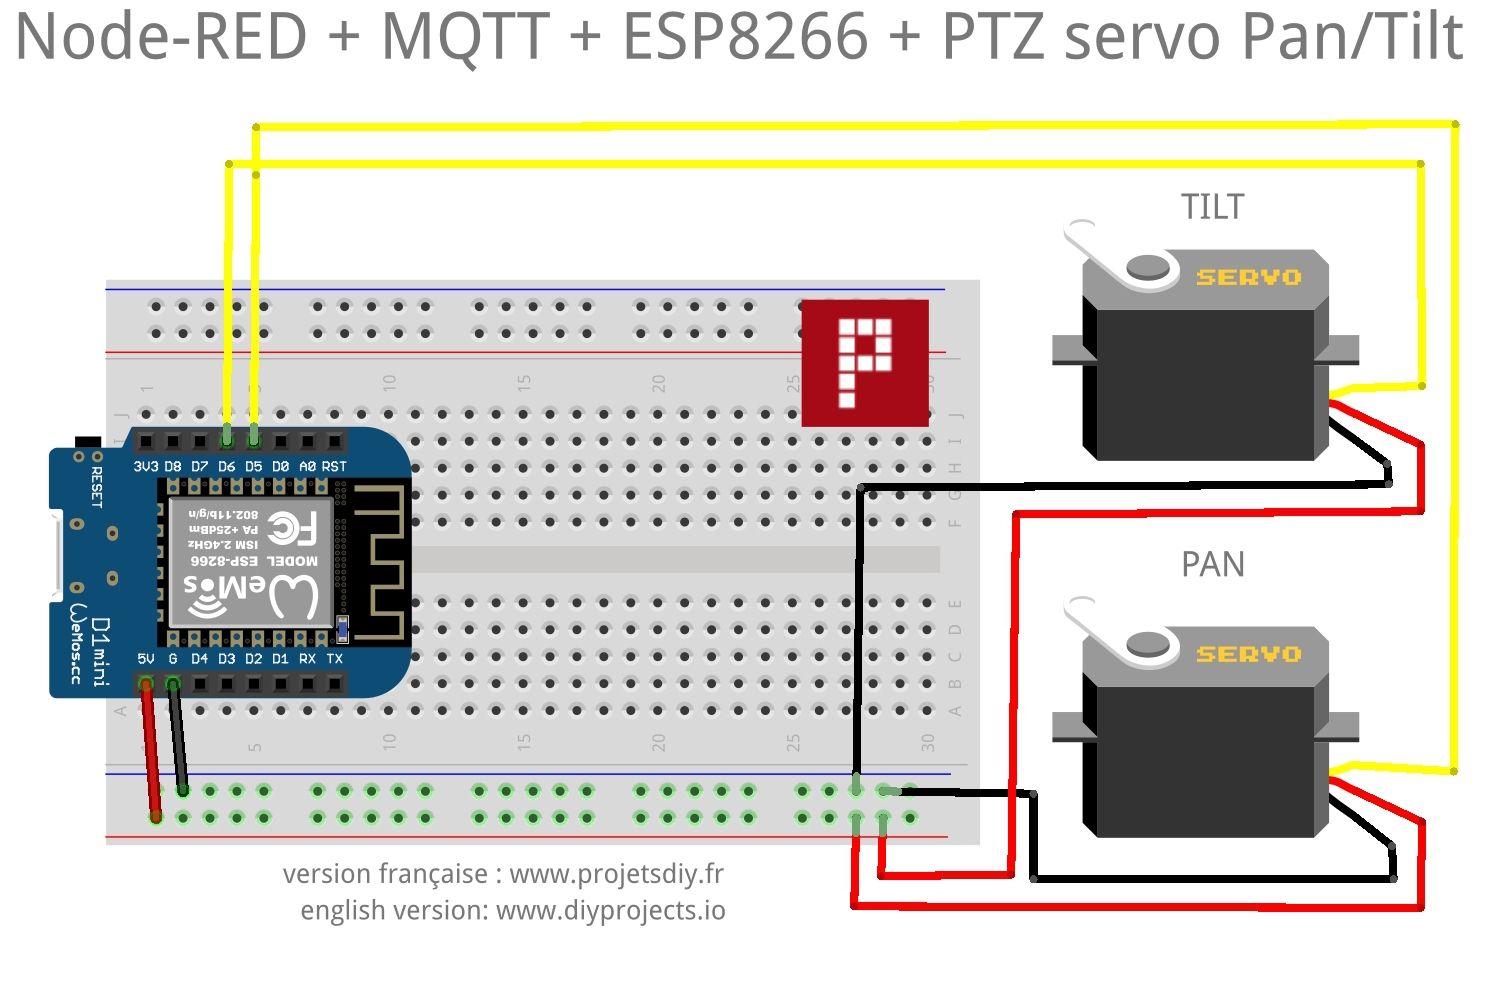 Node-RED + MQTT + ESP8266: how to drive an articulated PTZ